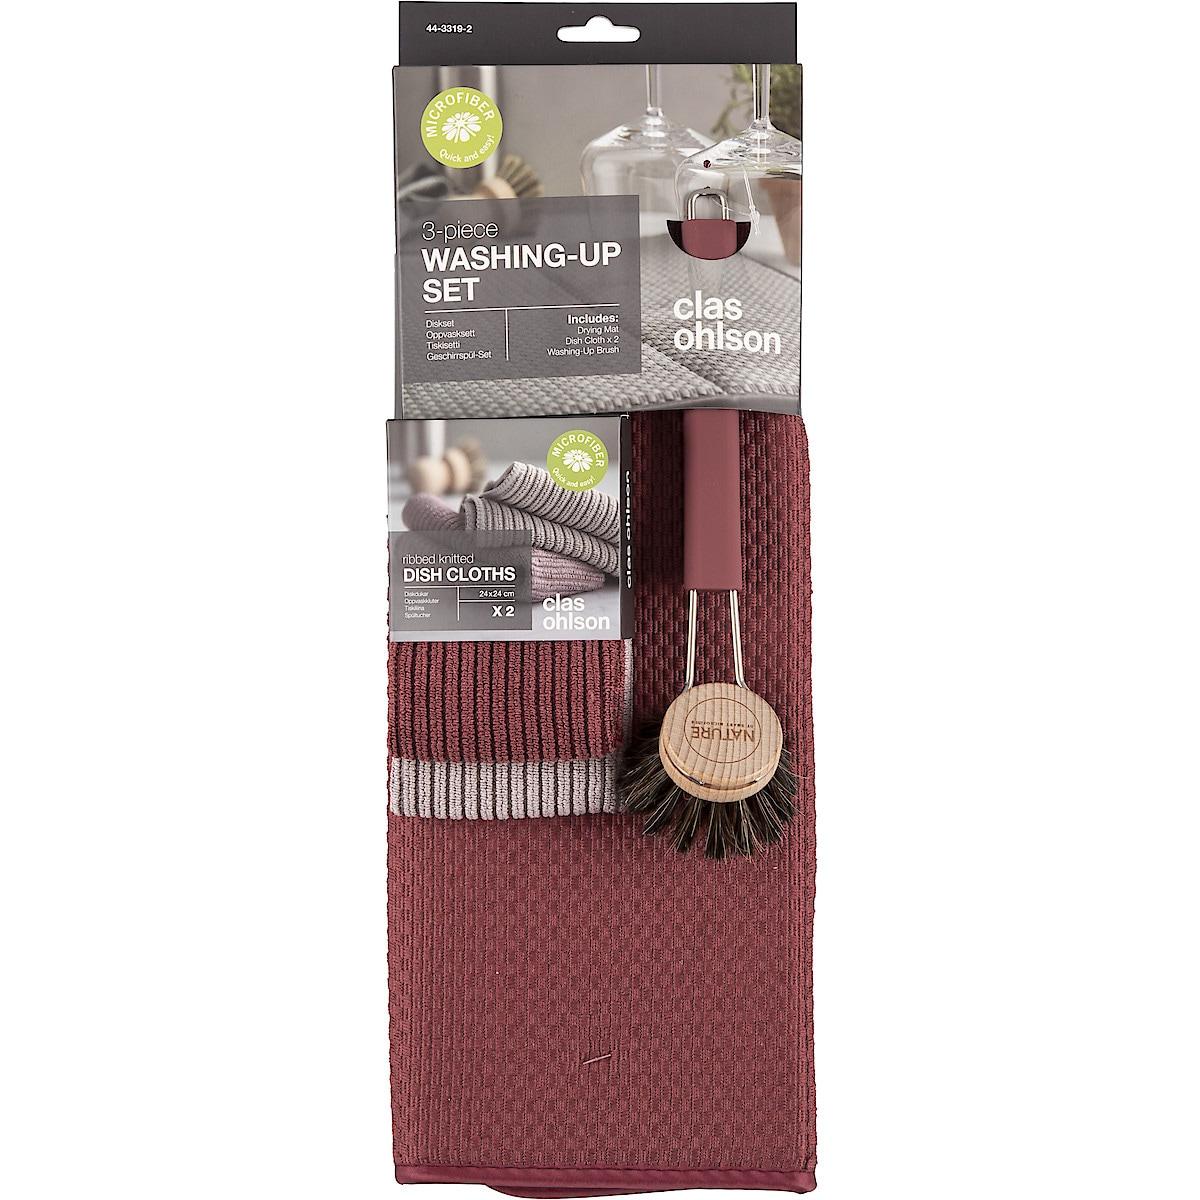 Tiskisarja viininpunainen, Smart Microfiber